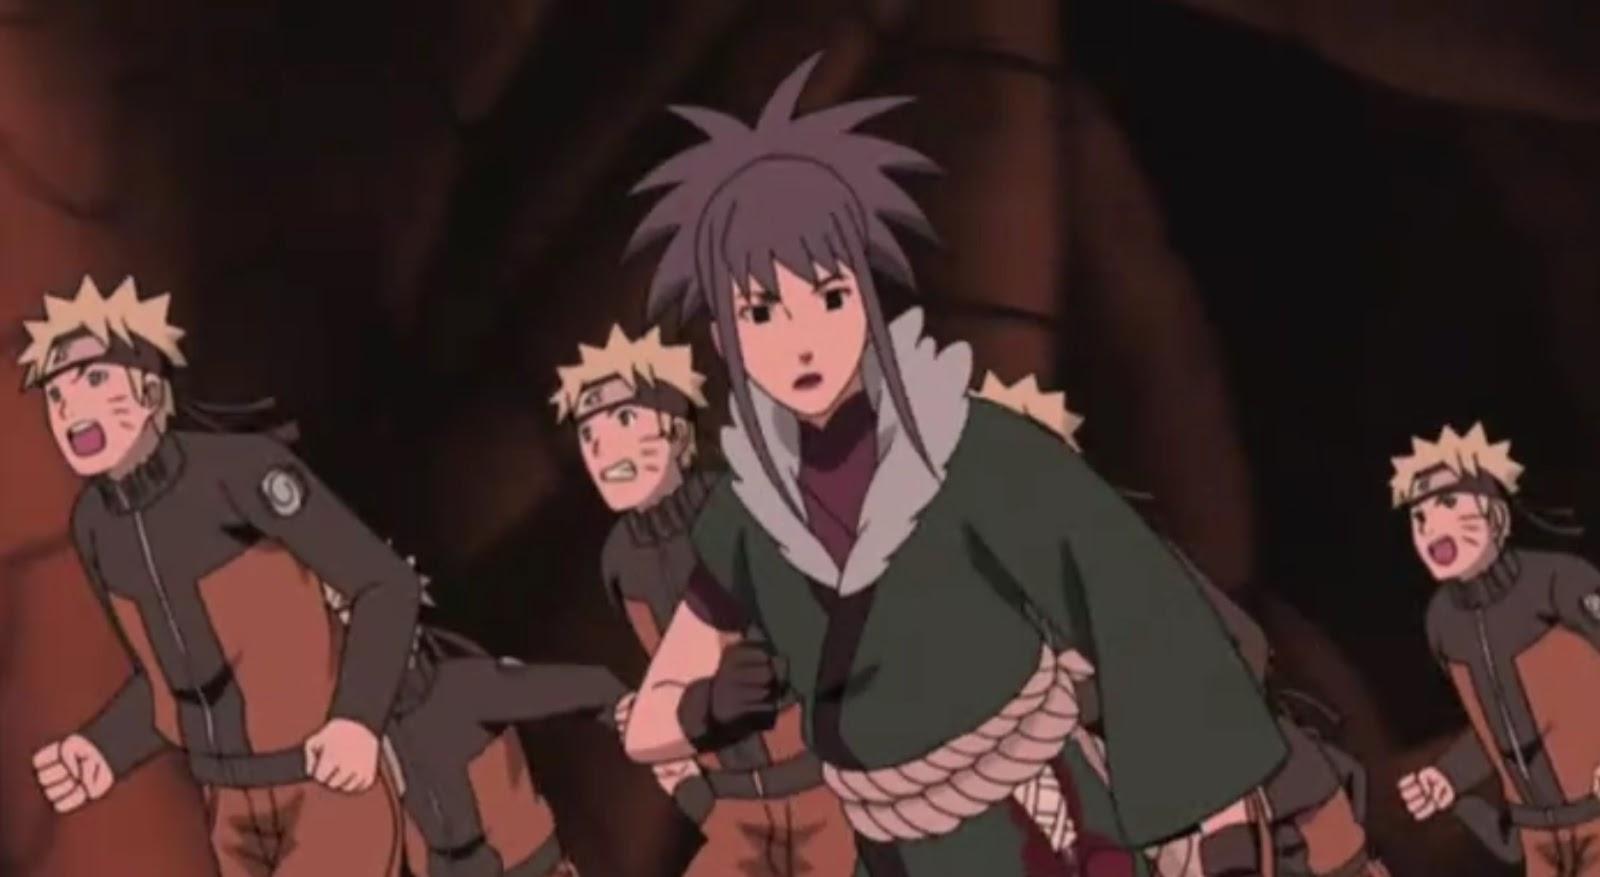 Naruto Shippuden Episódio 107, Naruto Shippuden Episódio 107, Assistir Naruto Shippuden Todos os Episódios Legendado, Naruto Shippuden episódio 107,HD